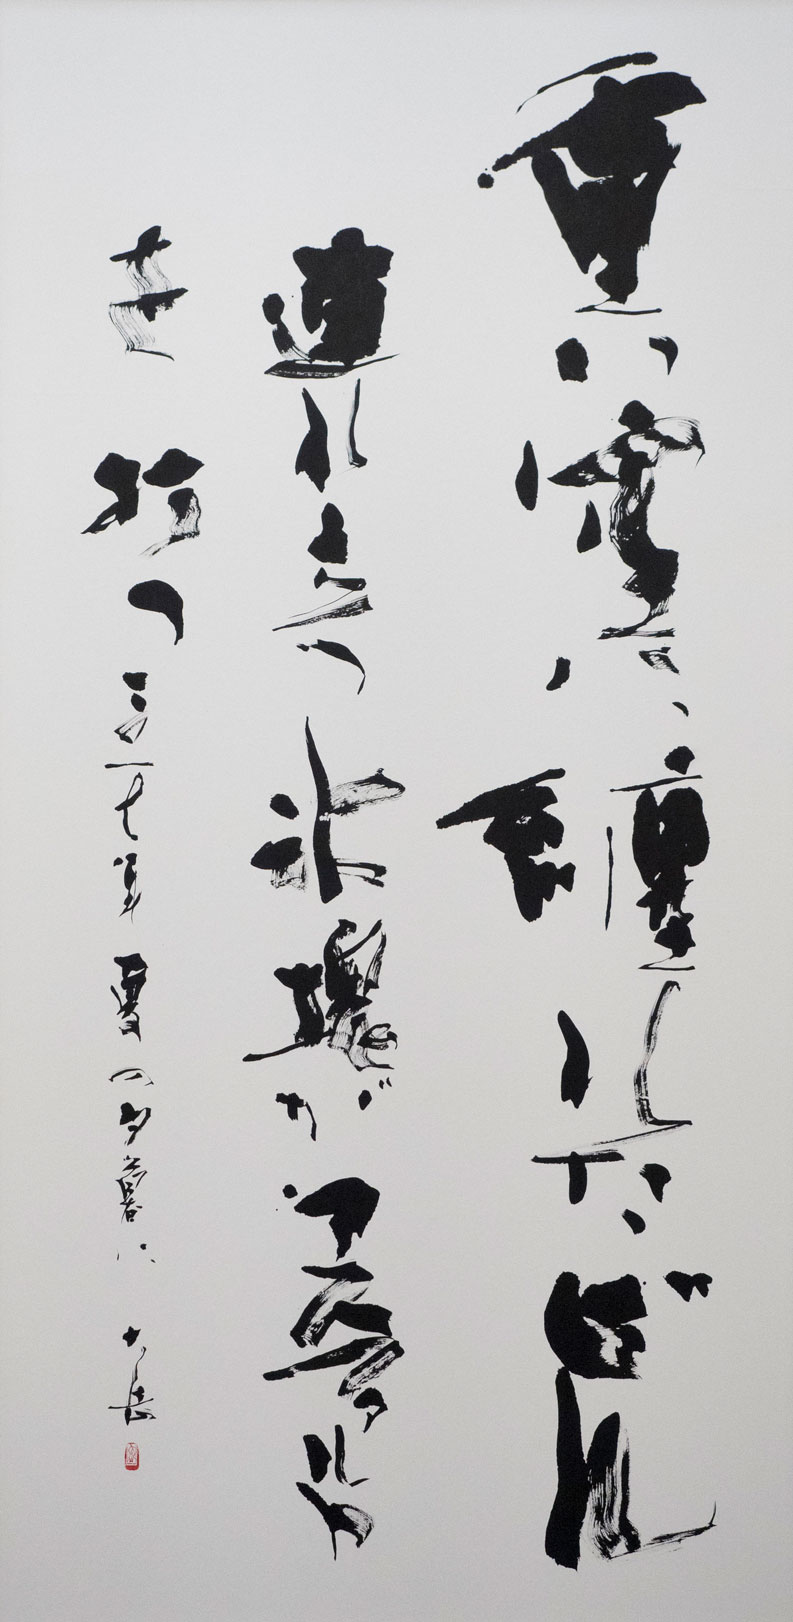 2017-jp-shodo-inspiration-652.jpg